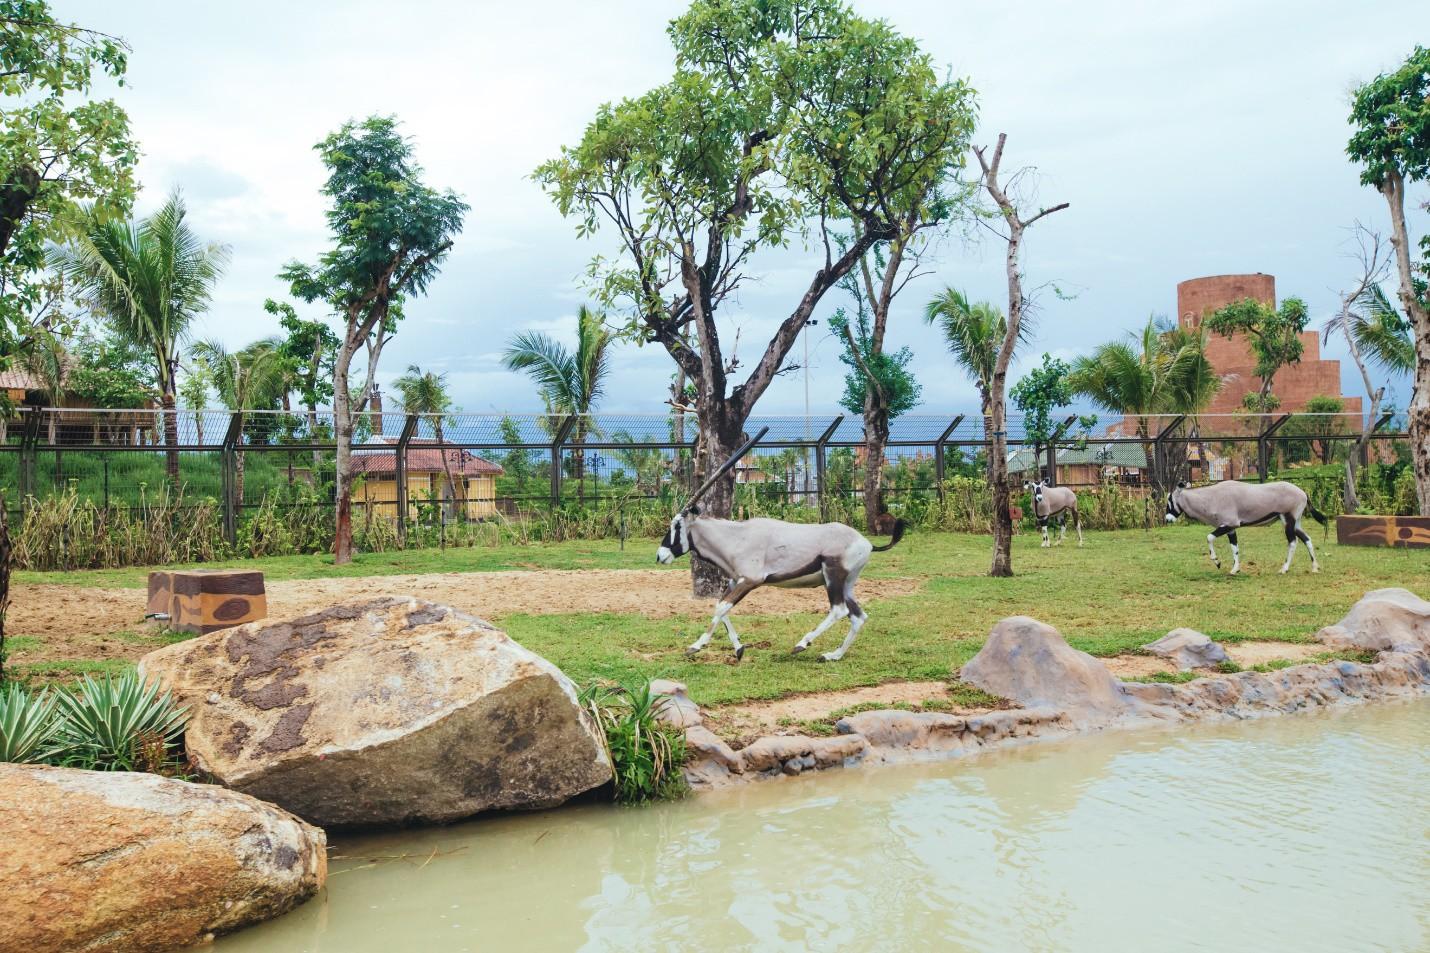 Một vòng khám phá River Safari - Công viên bảo tồn động vật hoang dã trên sông tại Hội An - Ảnh 8.